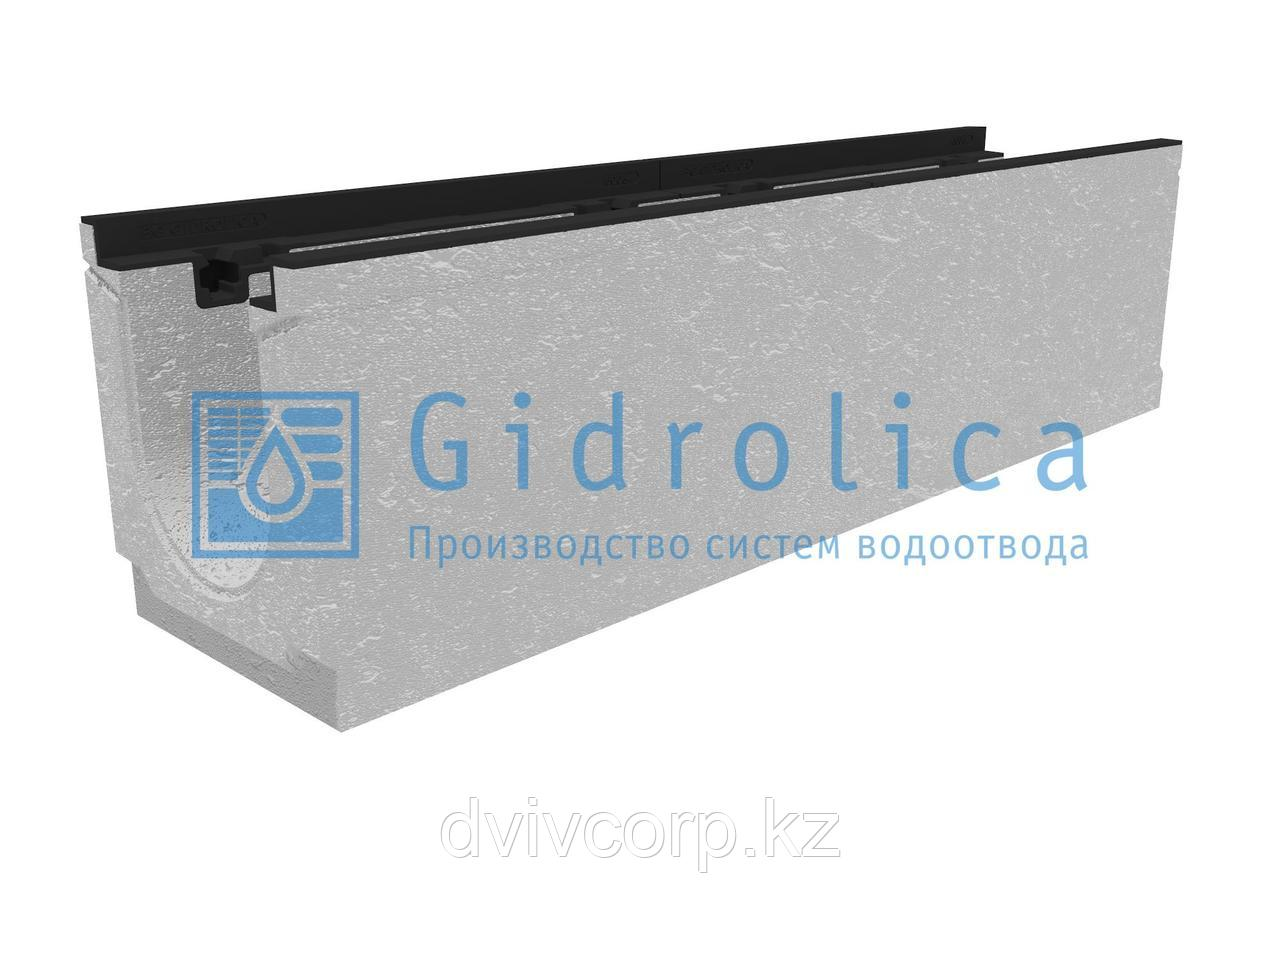 Лоток водоотводный бетонный коробчатый (СО-150мм), с чугунной насадкой, с уклоном 0,5%  КUу 100.24,8